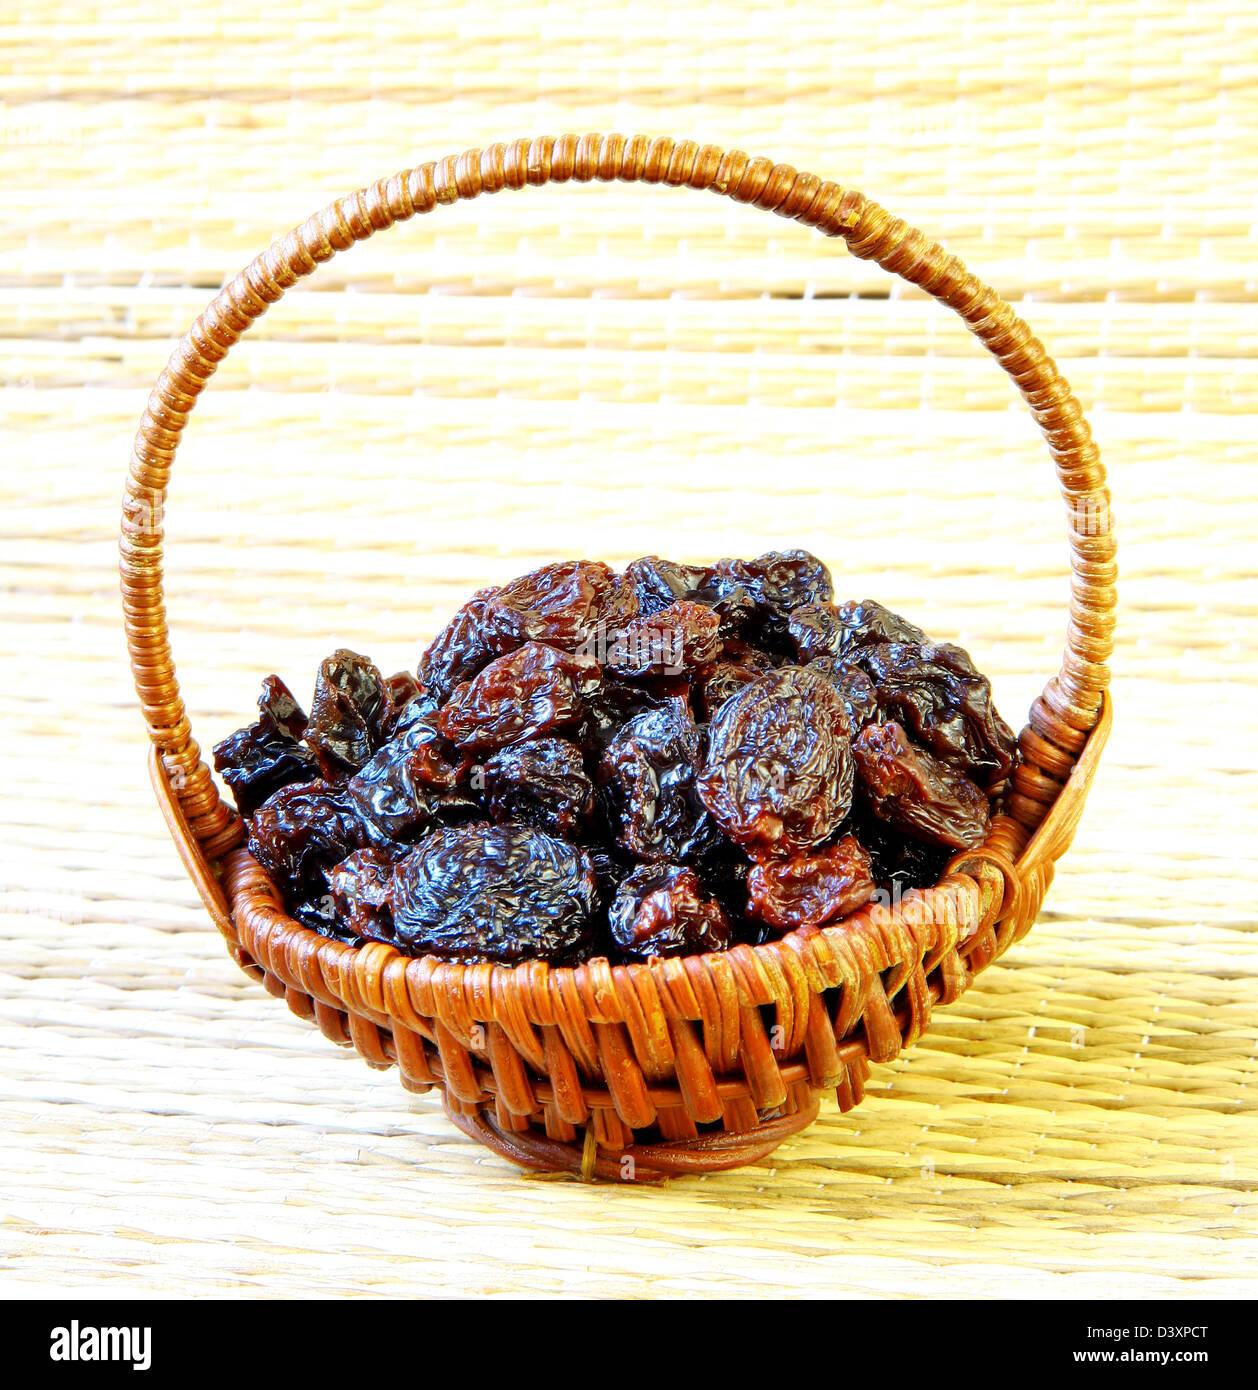 En raisin noir panier en osier sur fond soleil tapis Banque D'Images